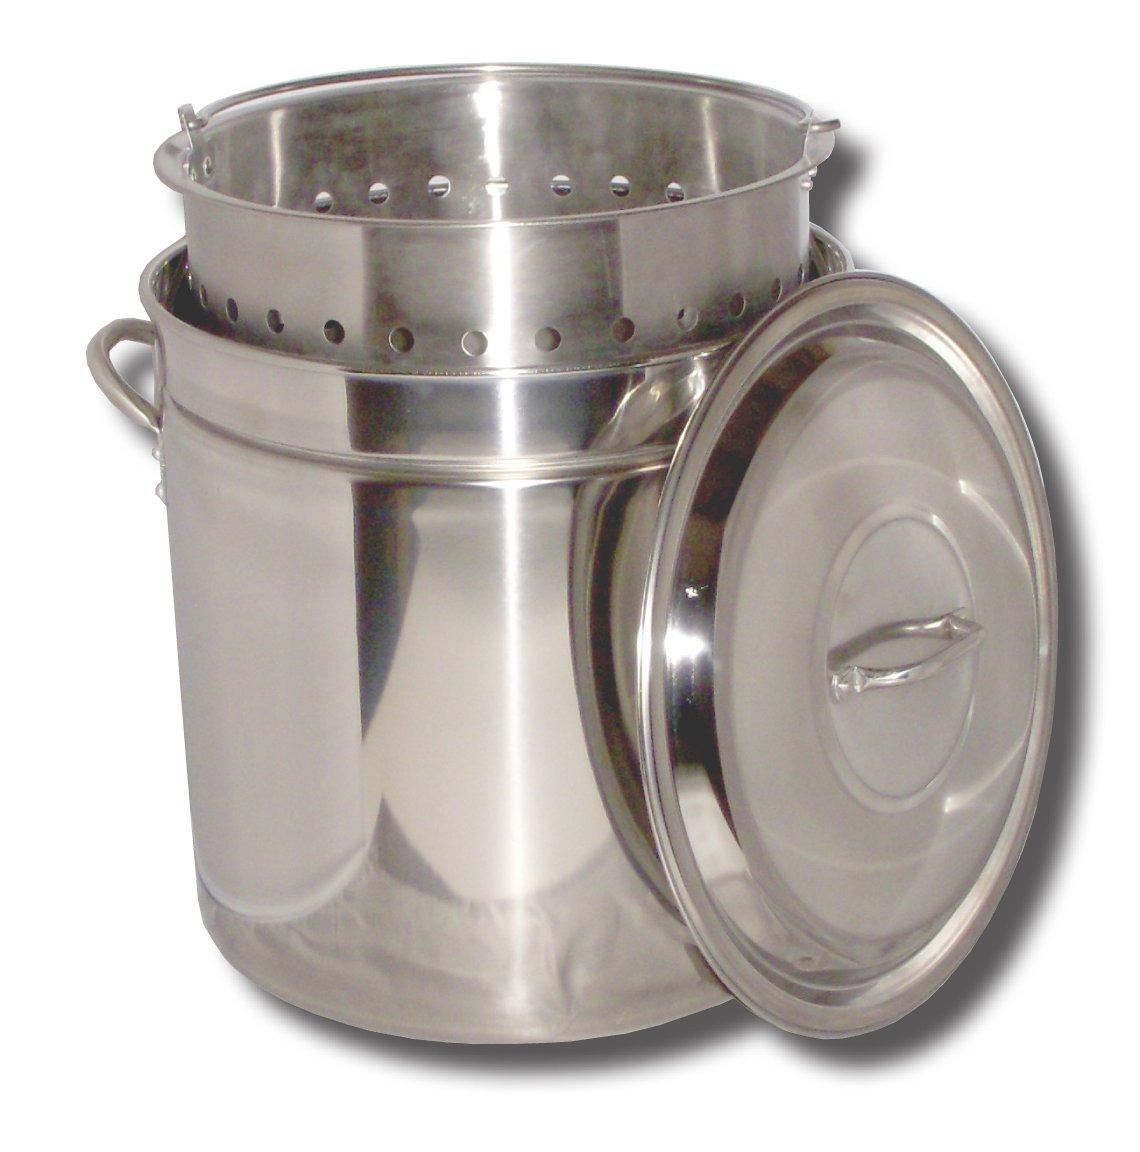 King Kooker KK62SR Ridged Stainless Steel Pot, 62-Quart